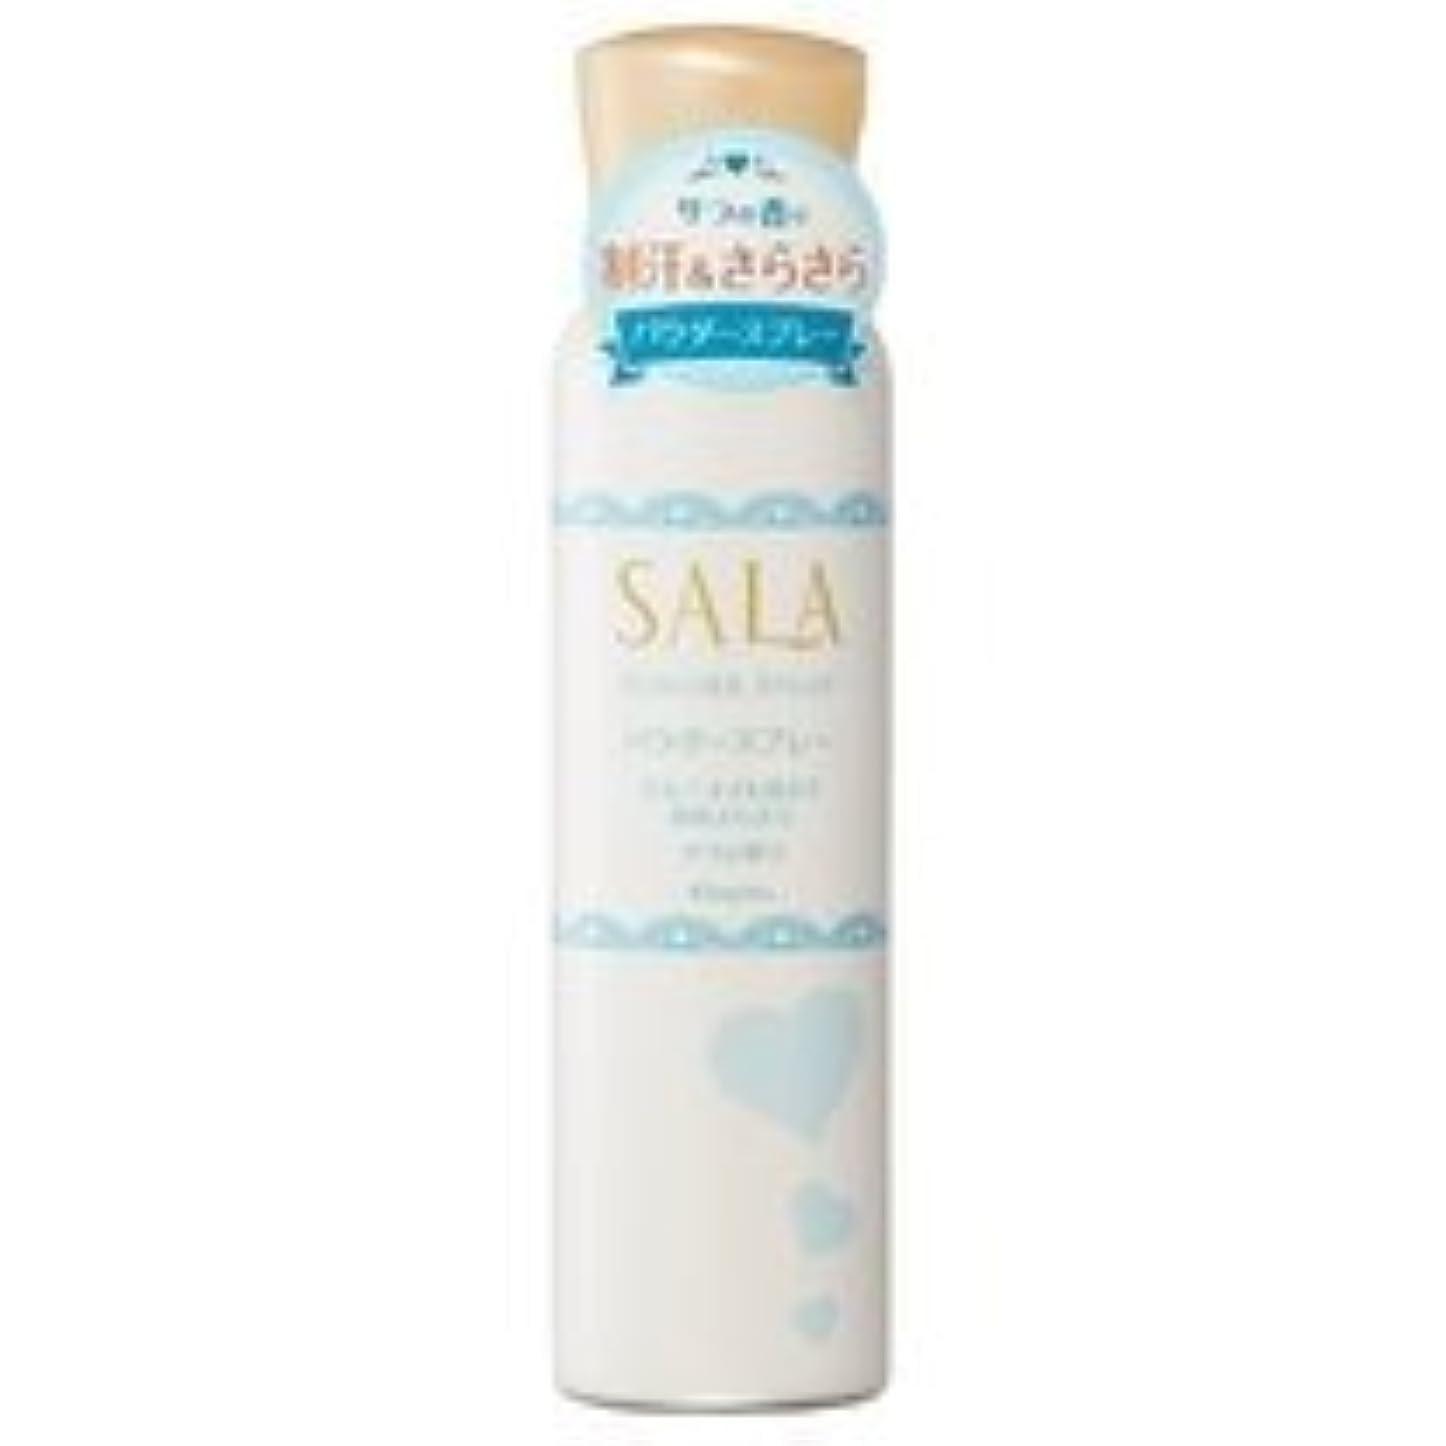 く症候群告白【カネボウ】SALA(サラ) パウダースプレーS サラの香り 90g (制汗剤)×2